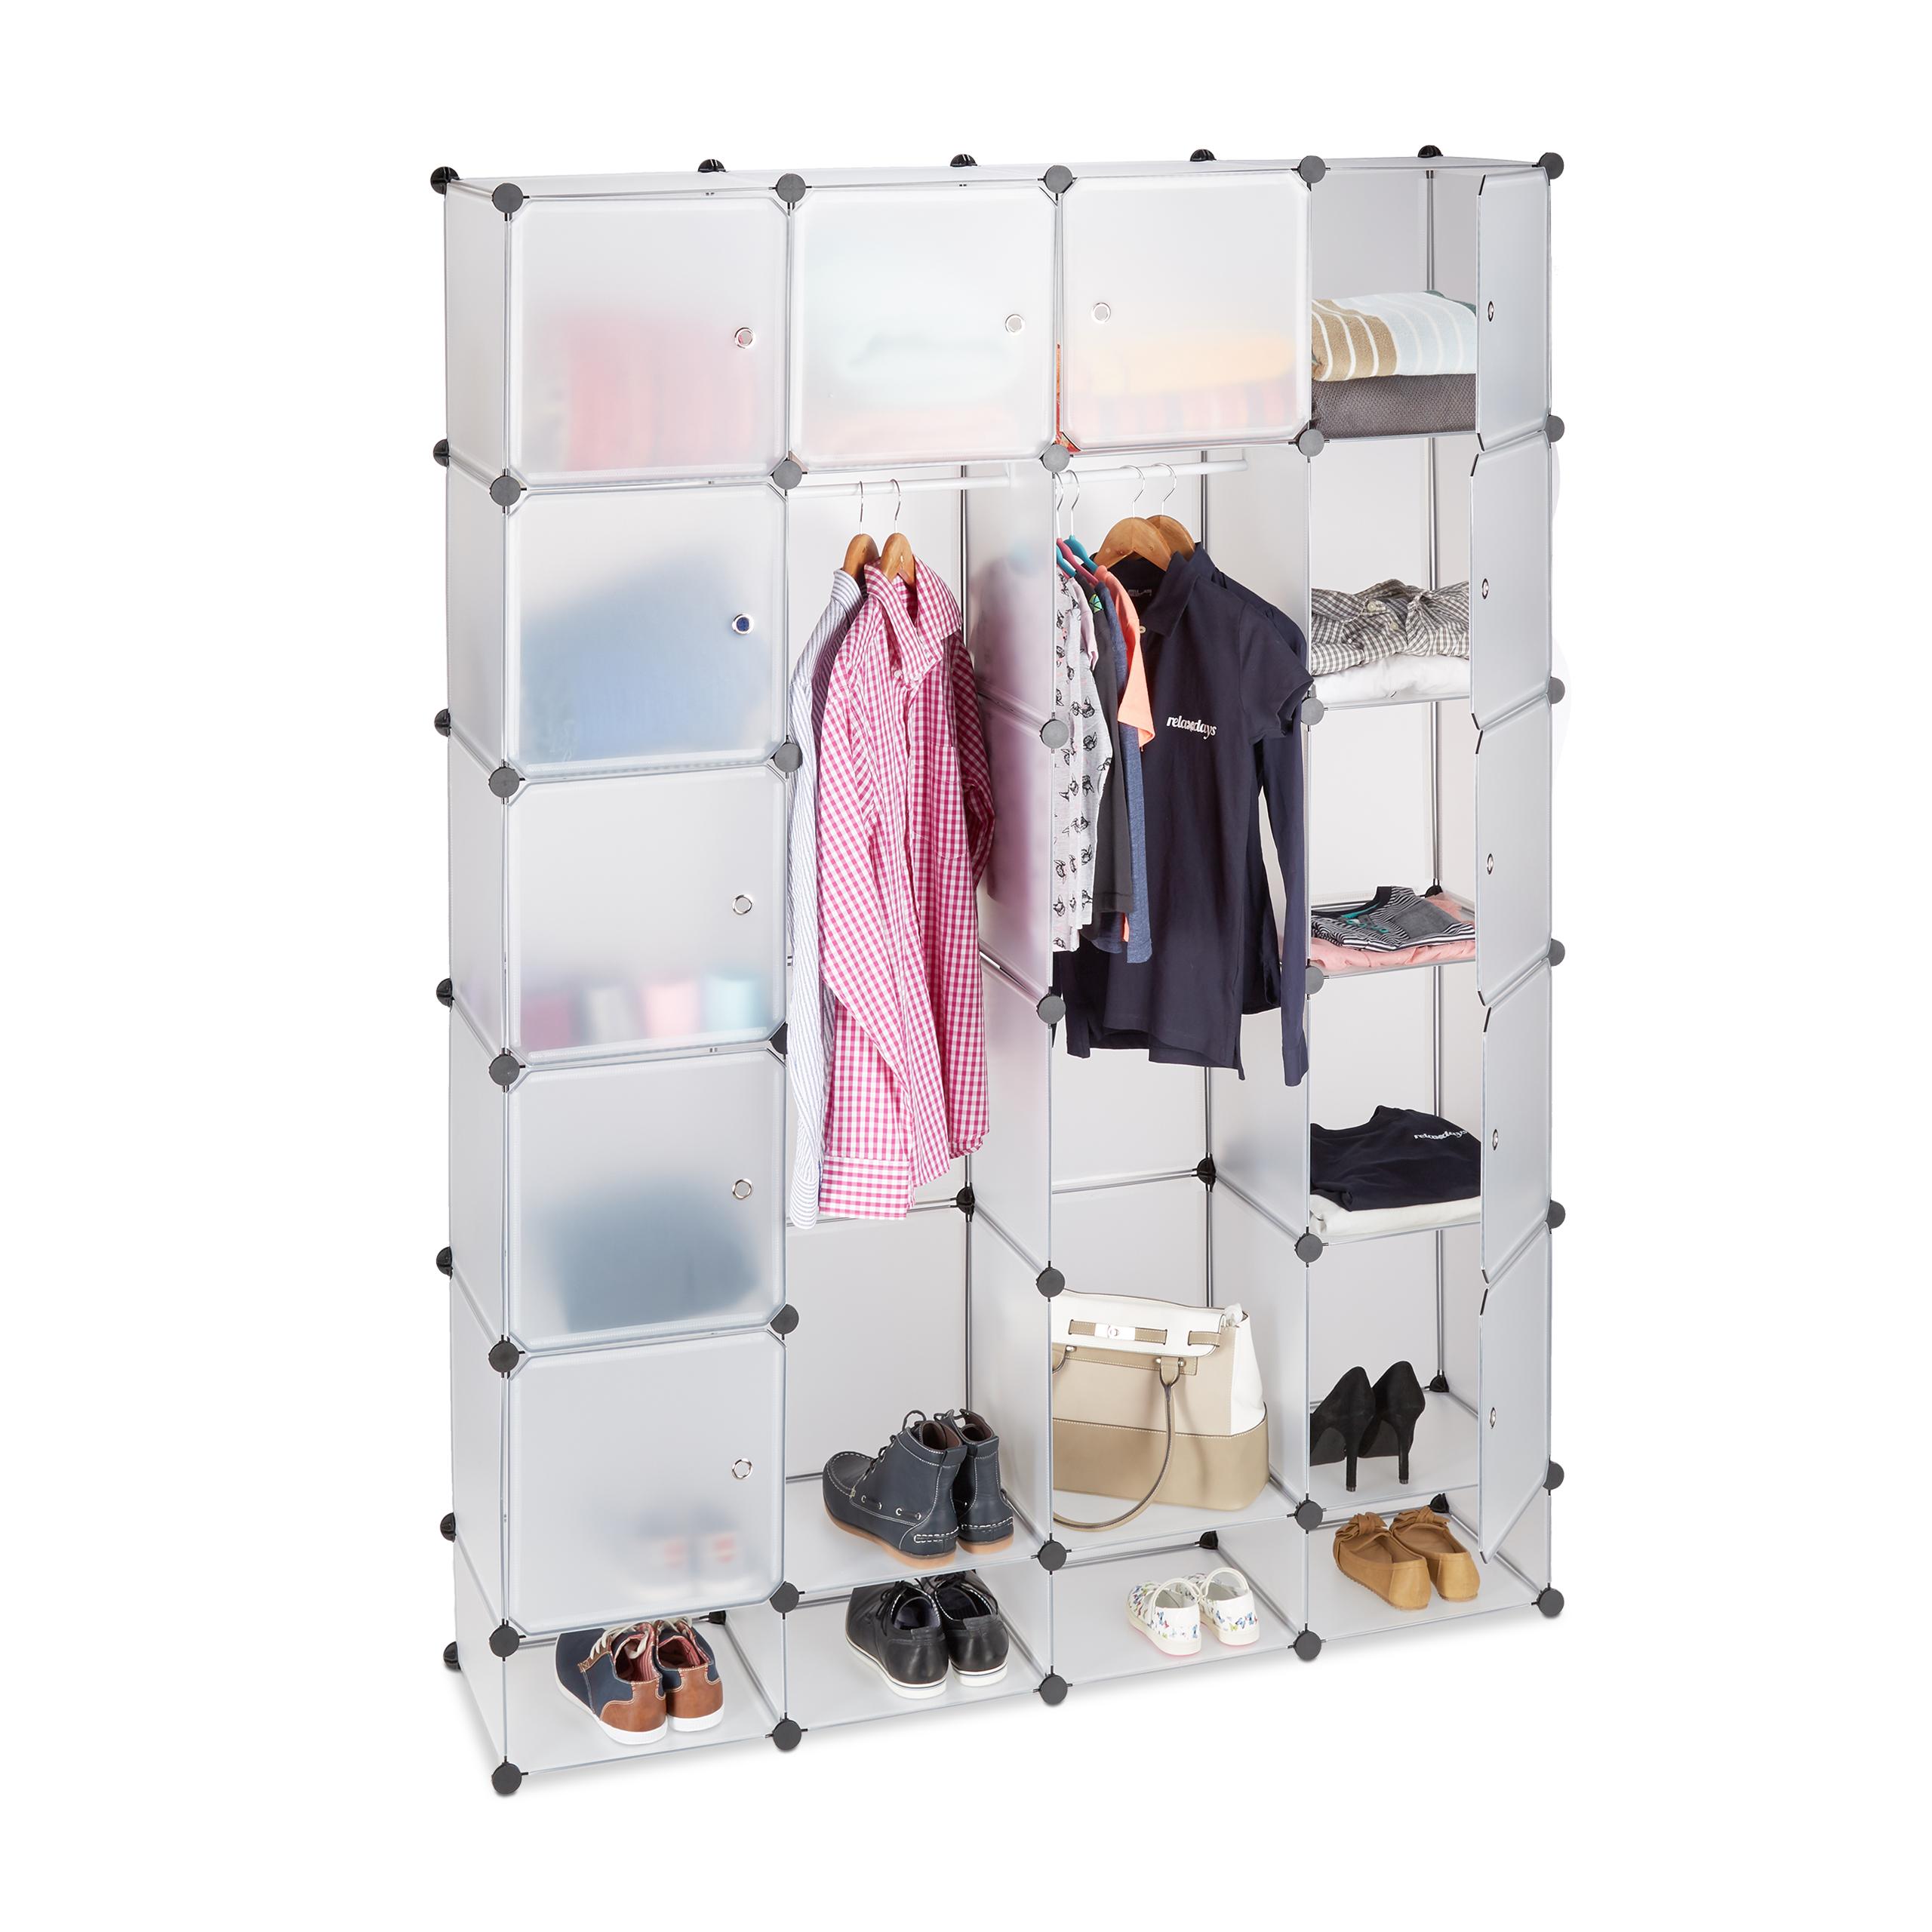 kleiderschrank xxl stecksystem kunststoffschrank garderobe 18 fächer